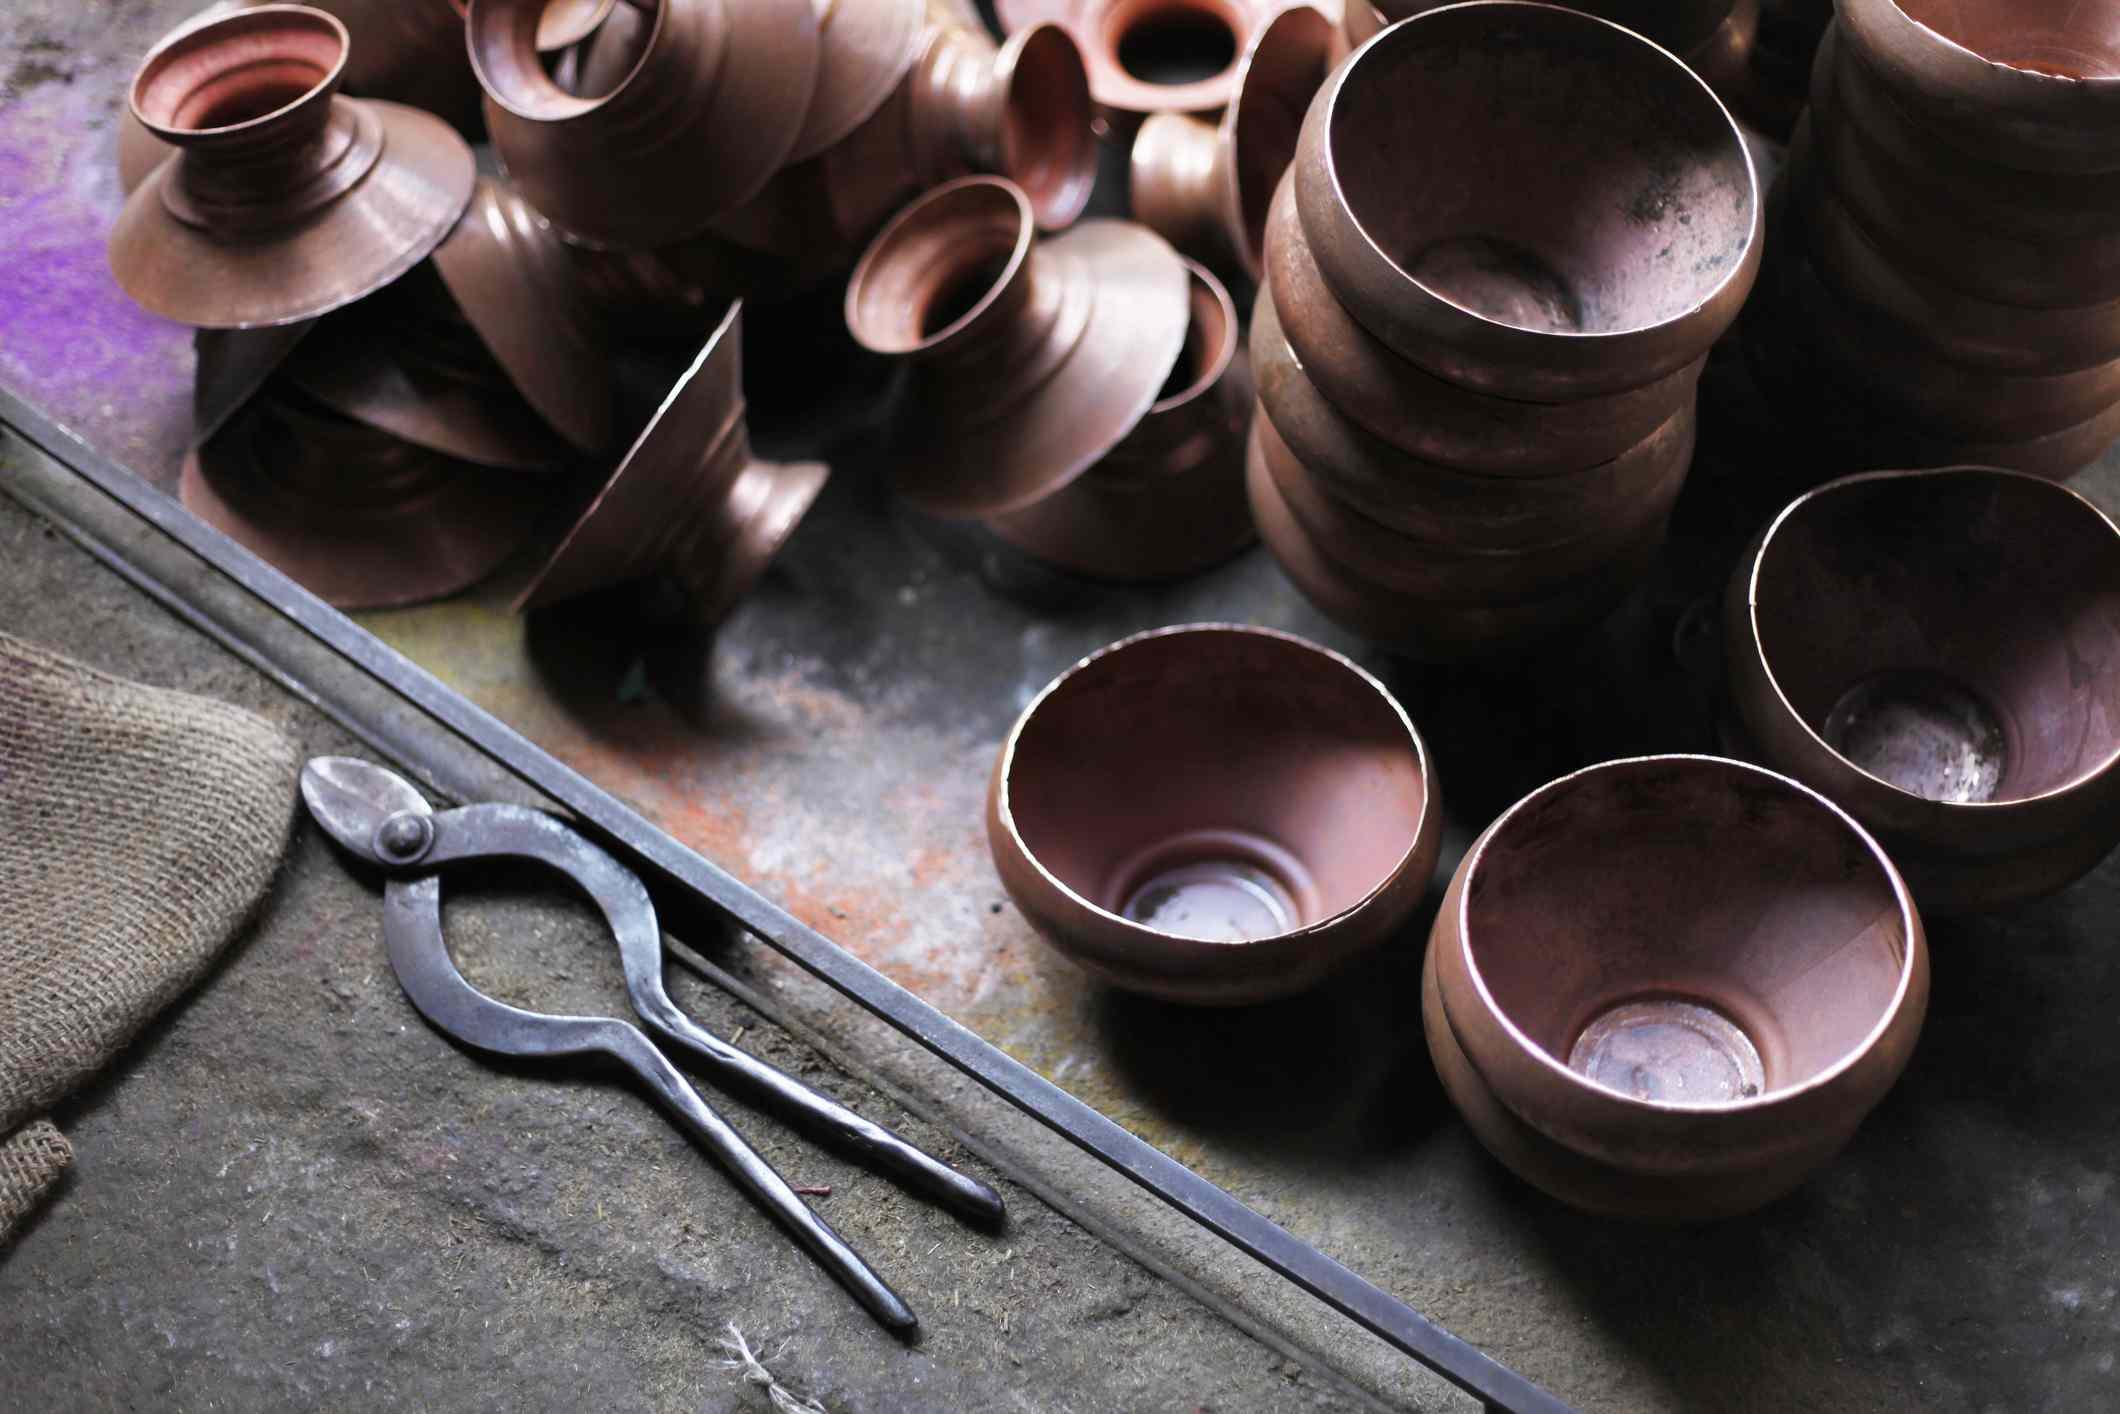 Copper utensils at Tambat Ali, Copper market, Pune